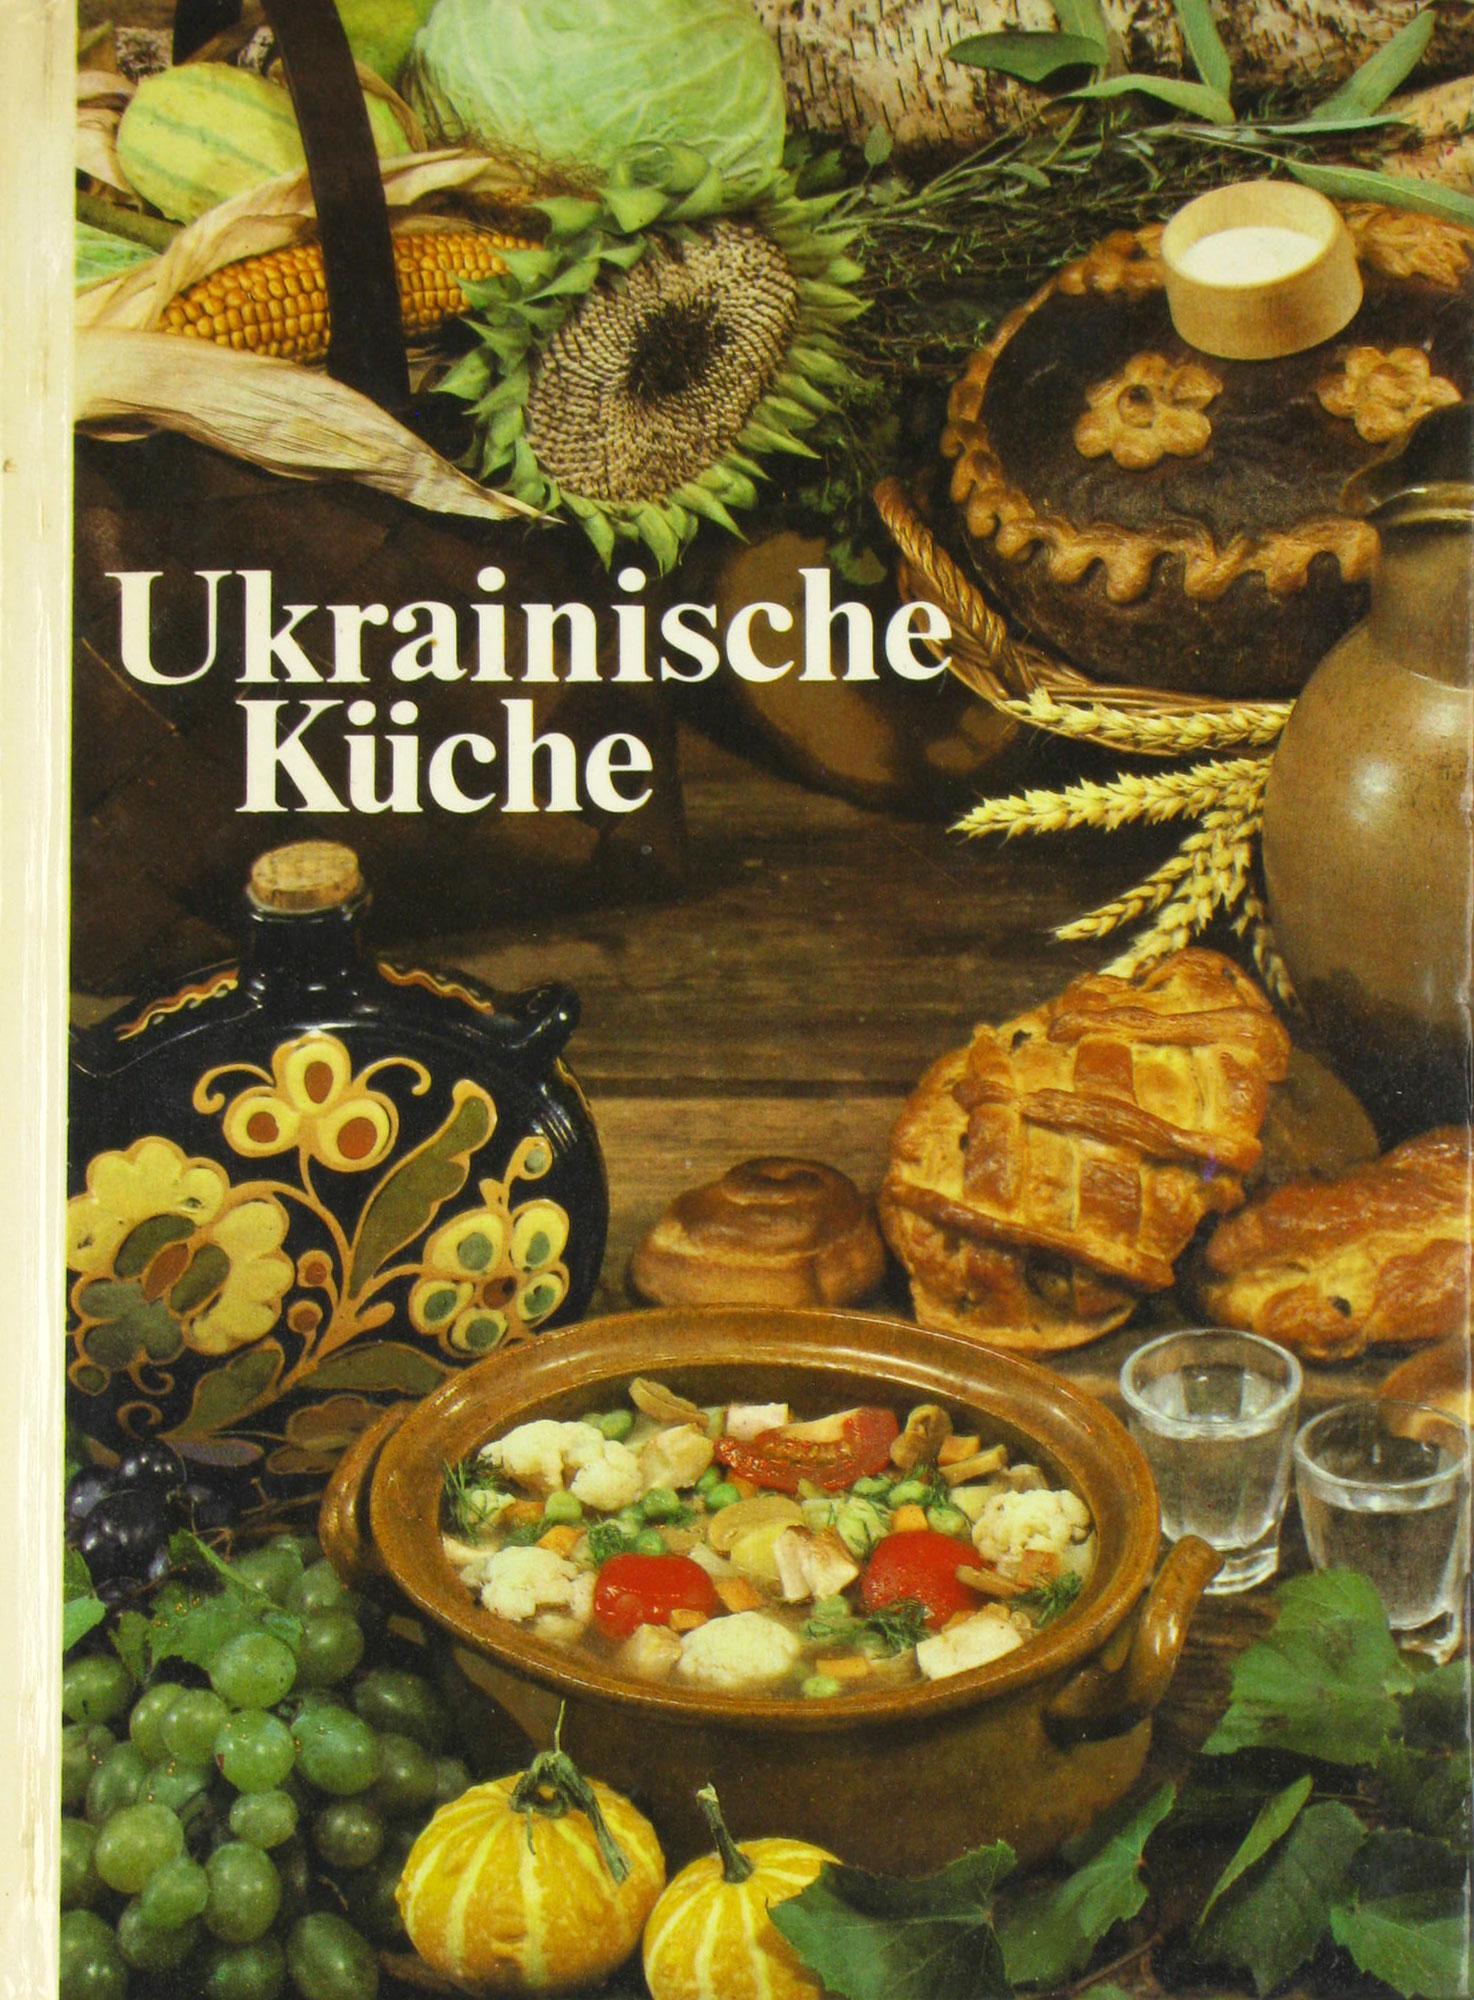 Ukrainische Kuche Berlin Restaurant Graf Berlin Opentable